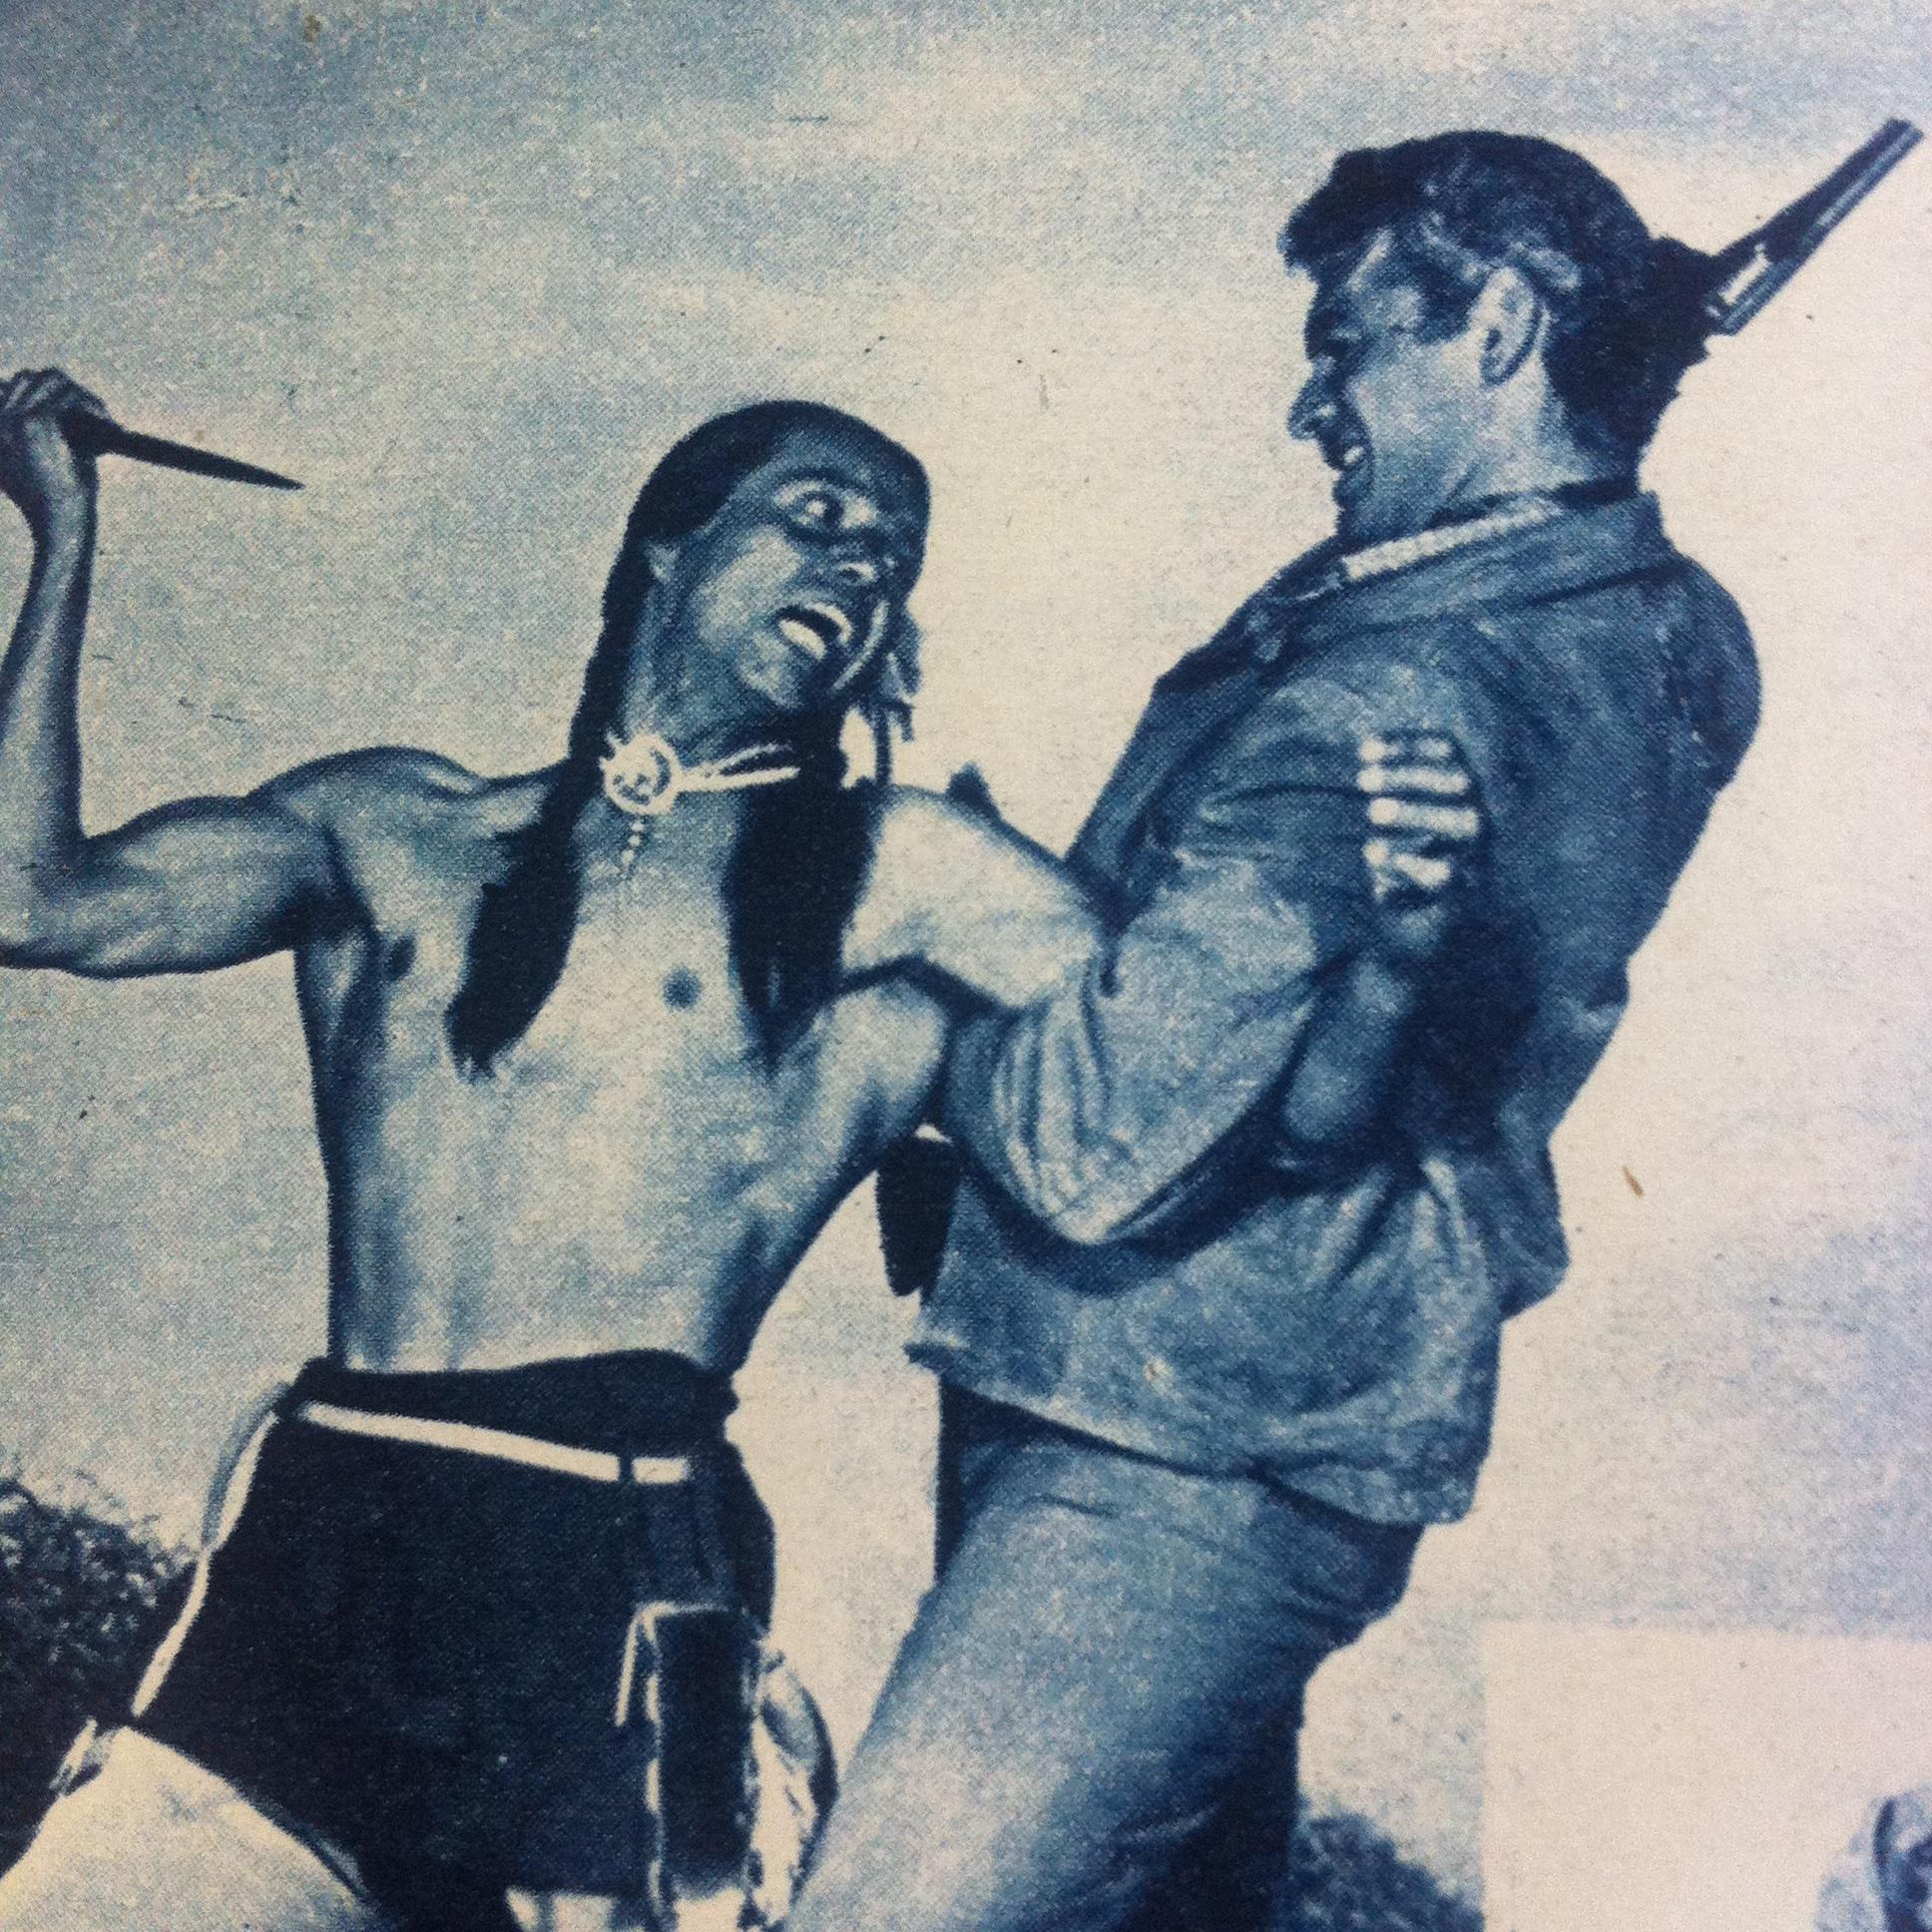 Jeff Chandler and Jay Silverheels in War Arrow (1953)